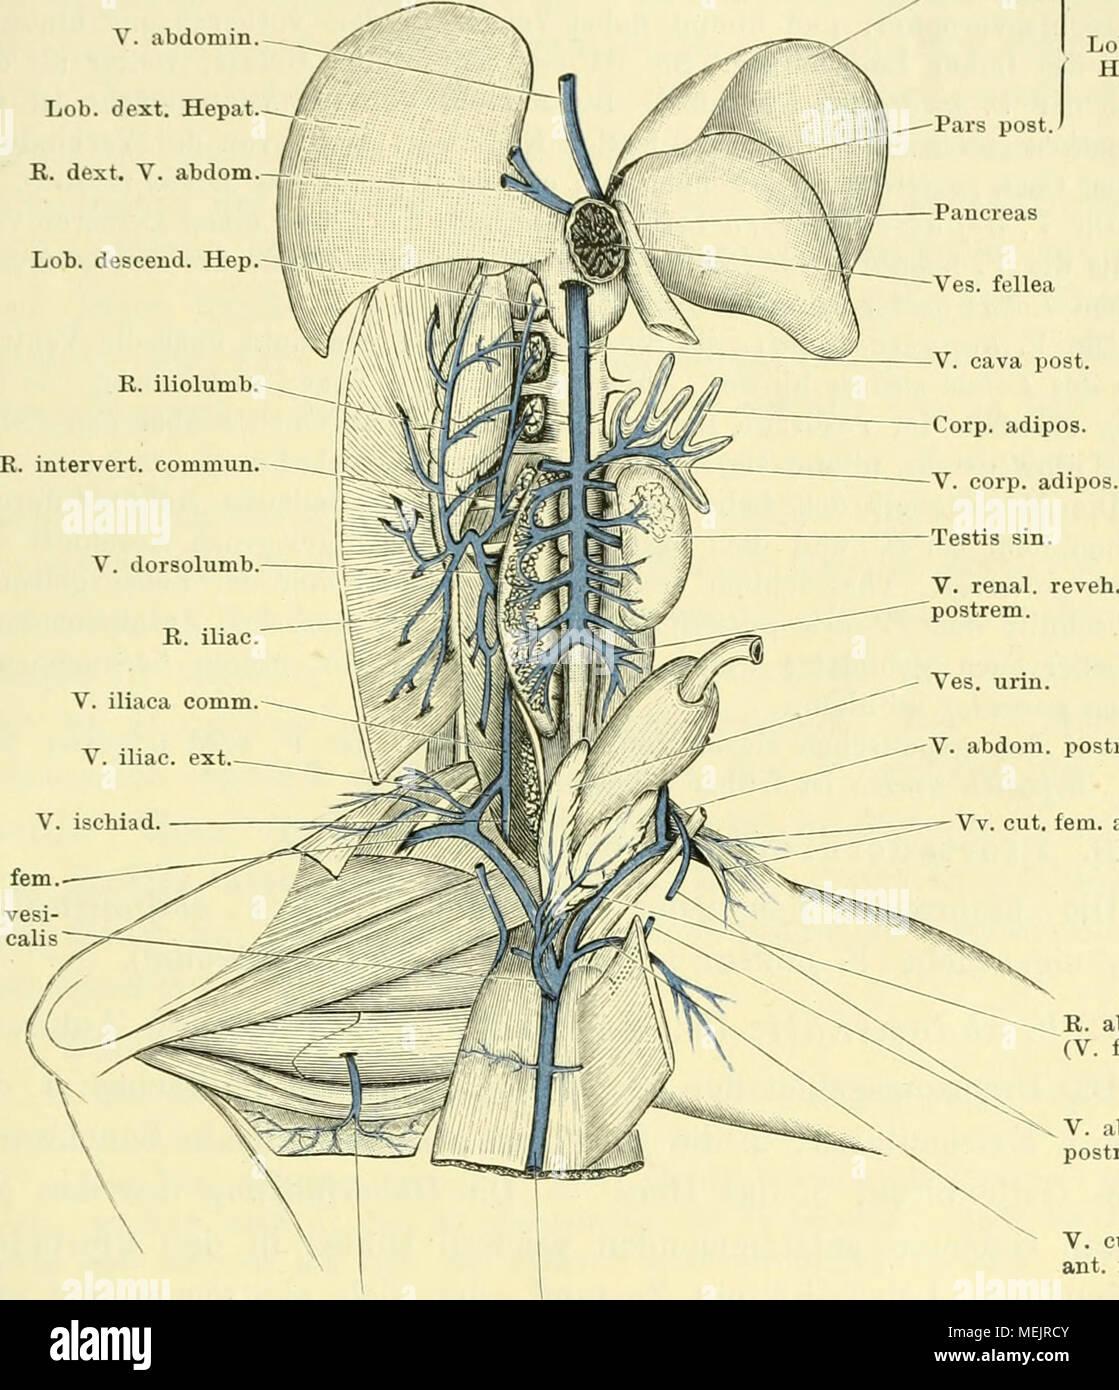 Tolle Menschliche Anatomie 8. Auflage Bilder - Menschliche Anatomie ...